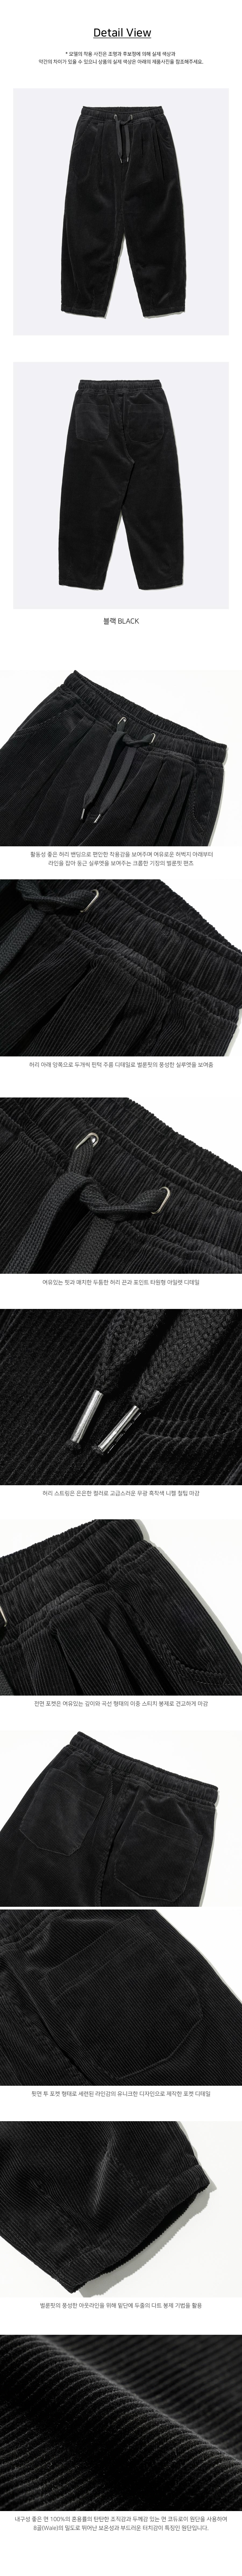 KJLP2316_detail_black_kj.jpg